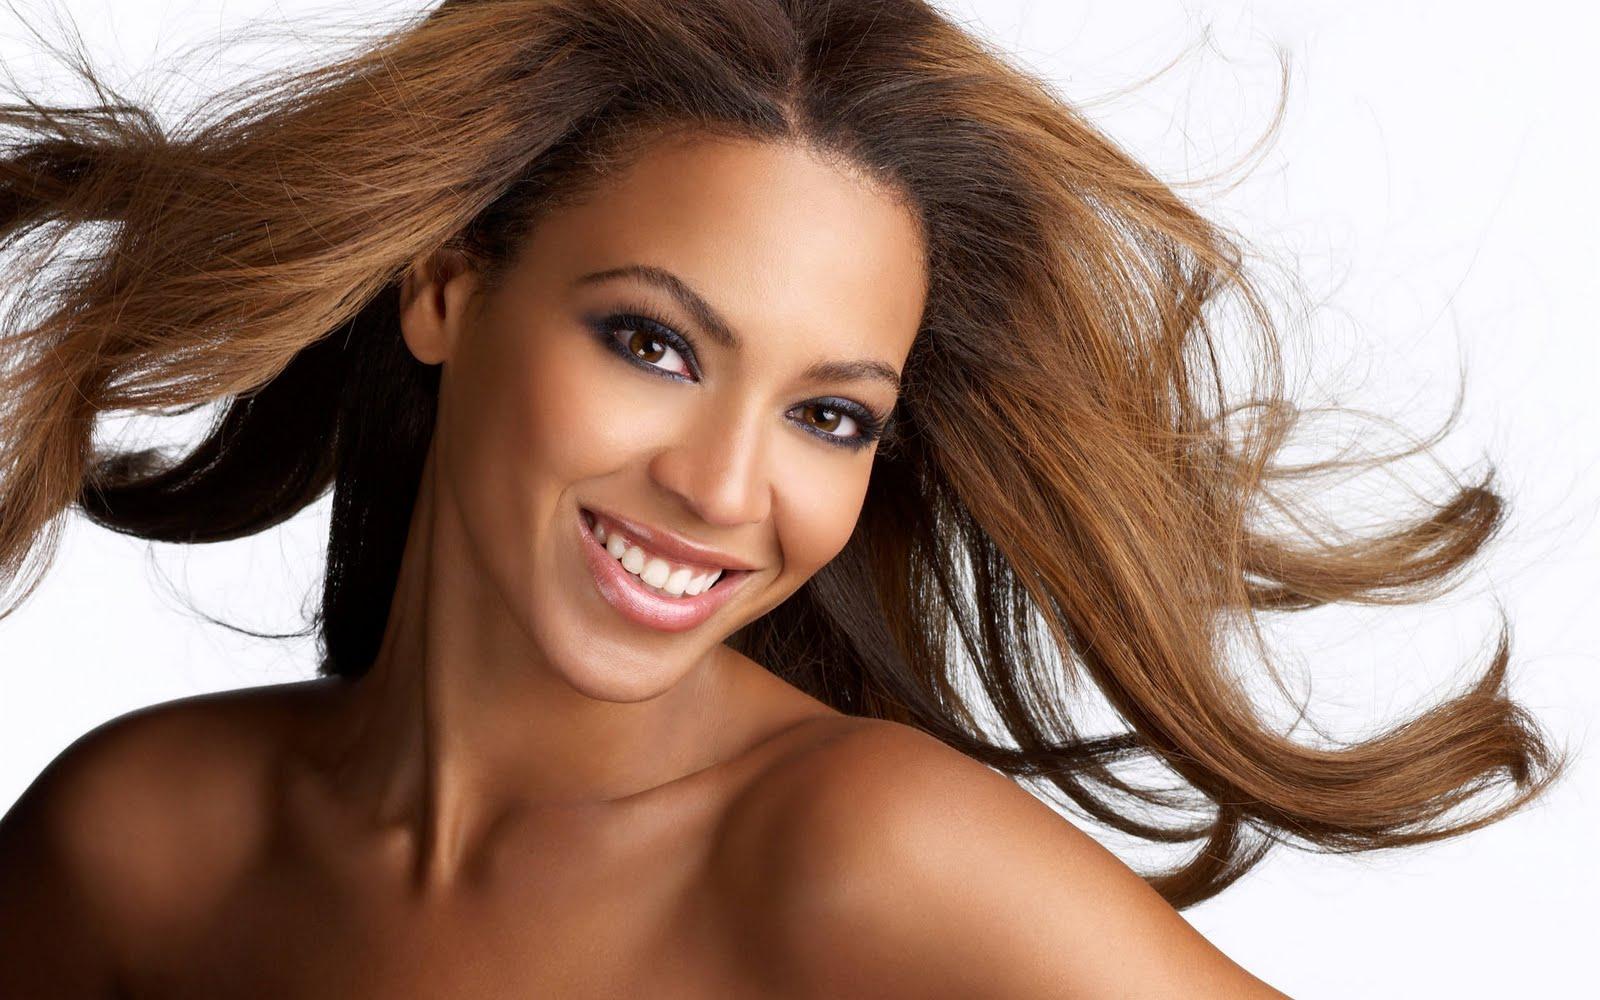 http://1.bp.blogspot.com/-2rOfmNyGB4o/TkKXwaDoQmI/AAAAAAAABFY/TIx9ICzv27c/s1600/Beyonce+Knowles40.jpg